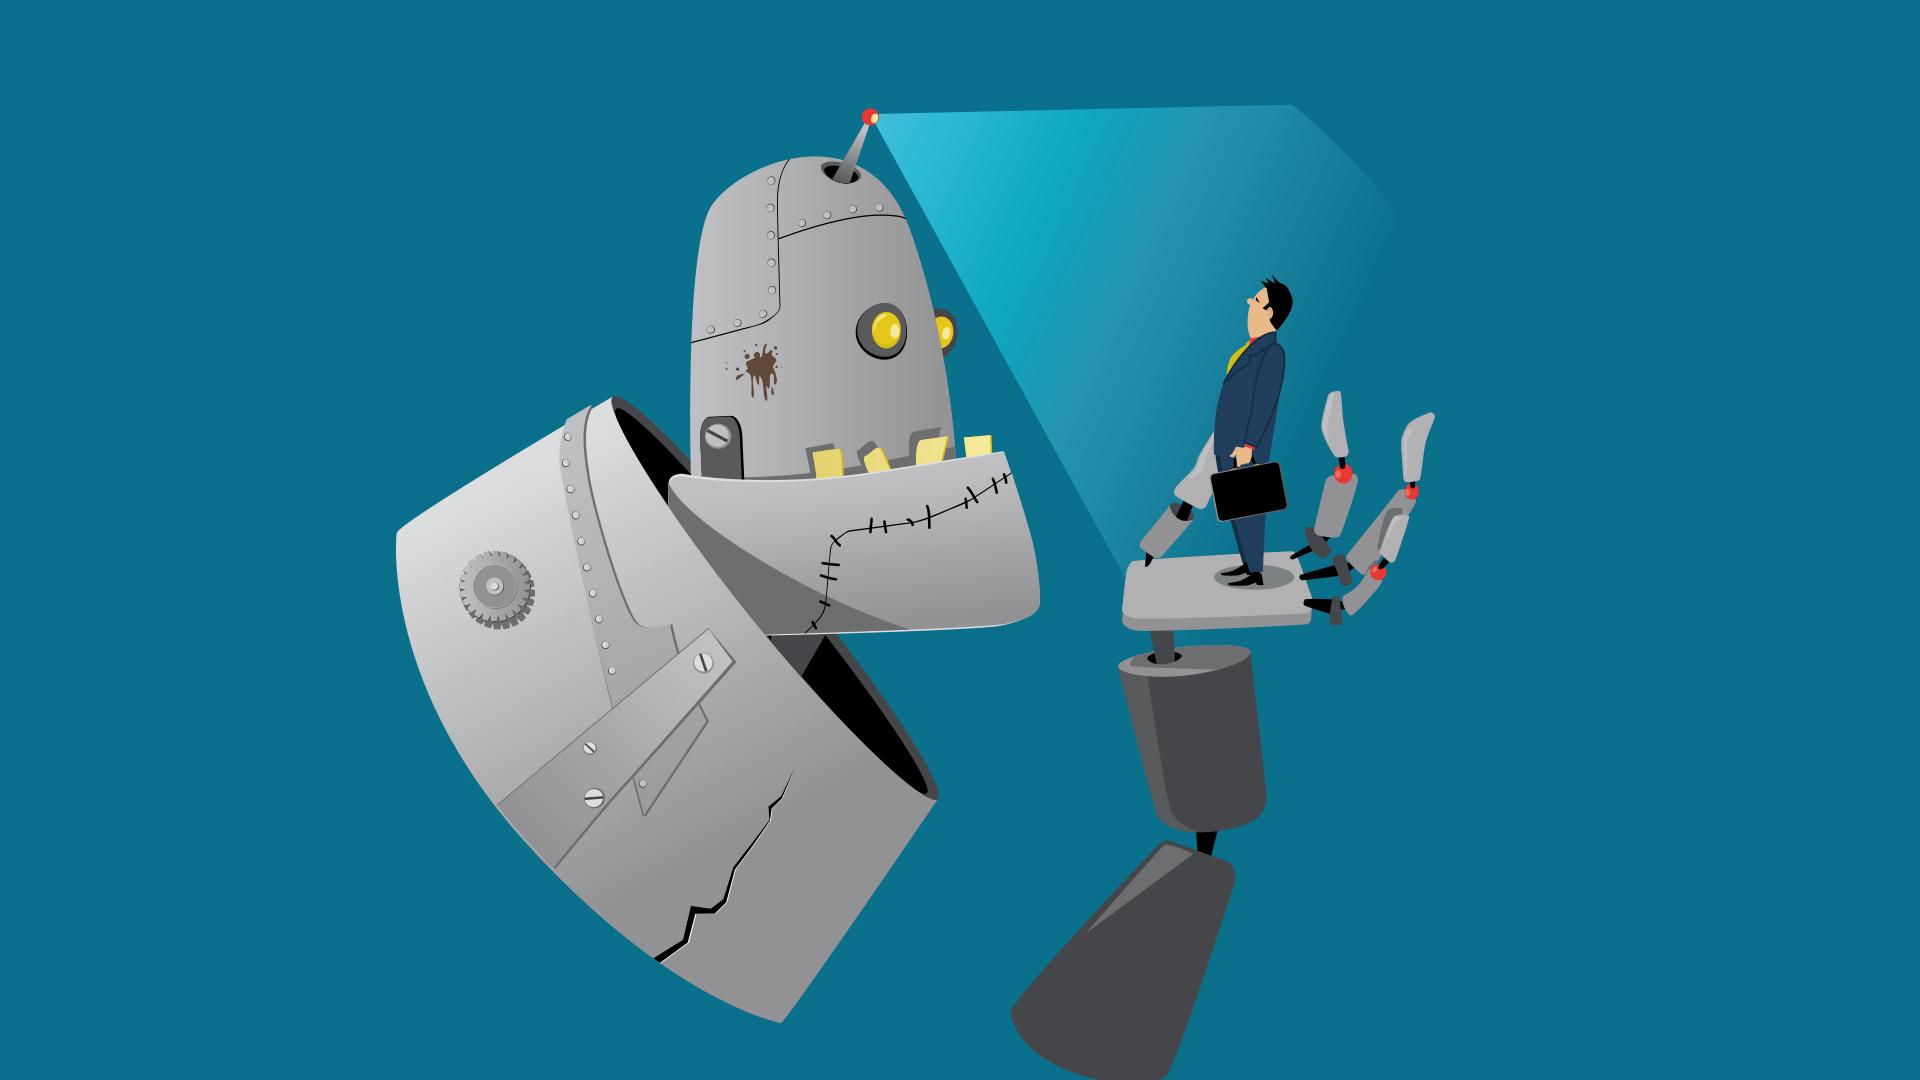 人工智慧是上天的禮物,還是未爆的核彈呢?